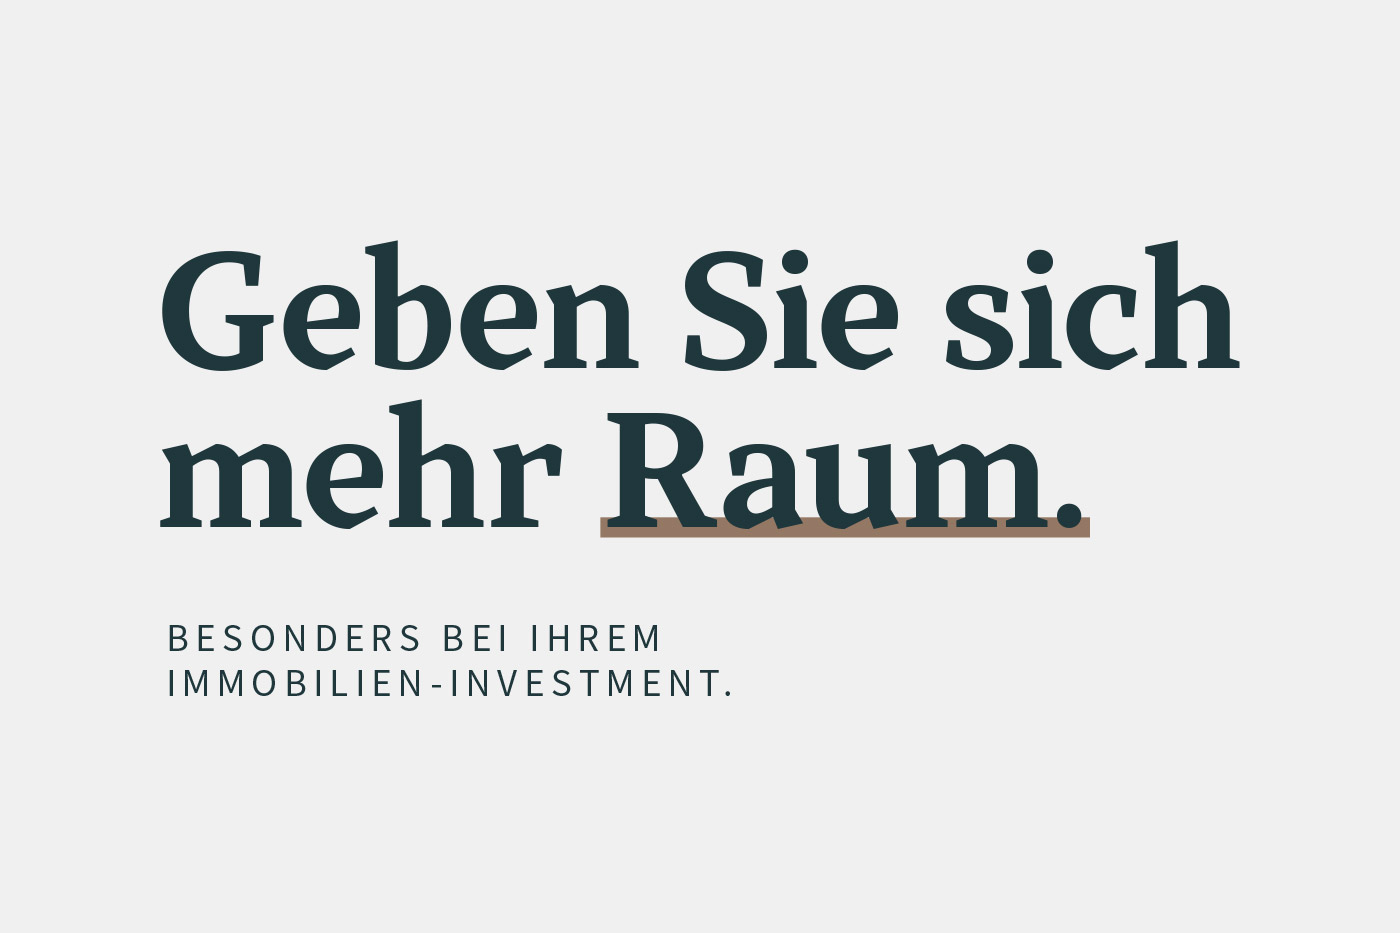 https://duktor.lu/wp-content/uploads/2021/05/duktor-projekt-dawen-rieth-corporate_design_03.jpg